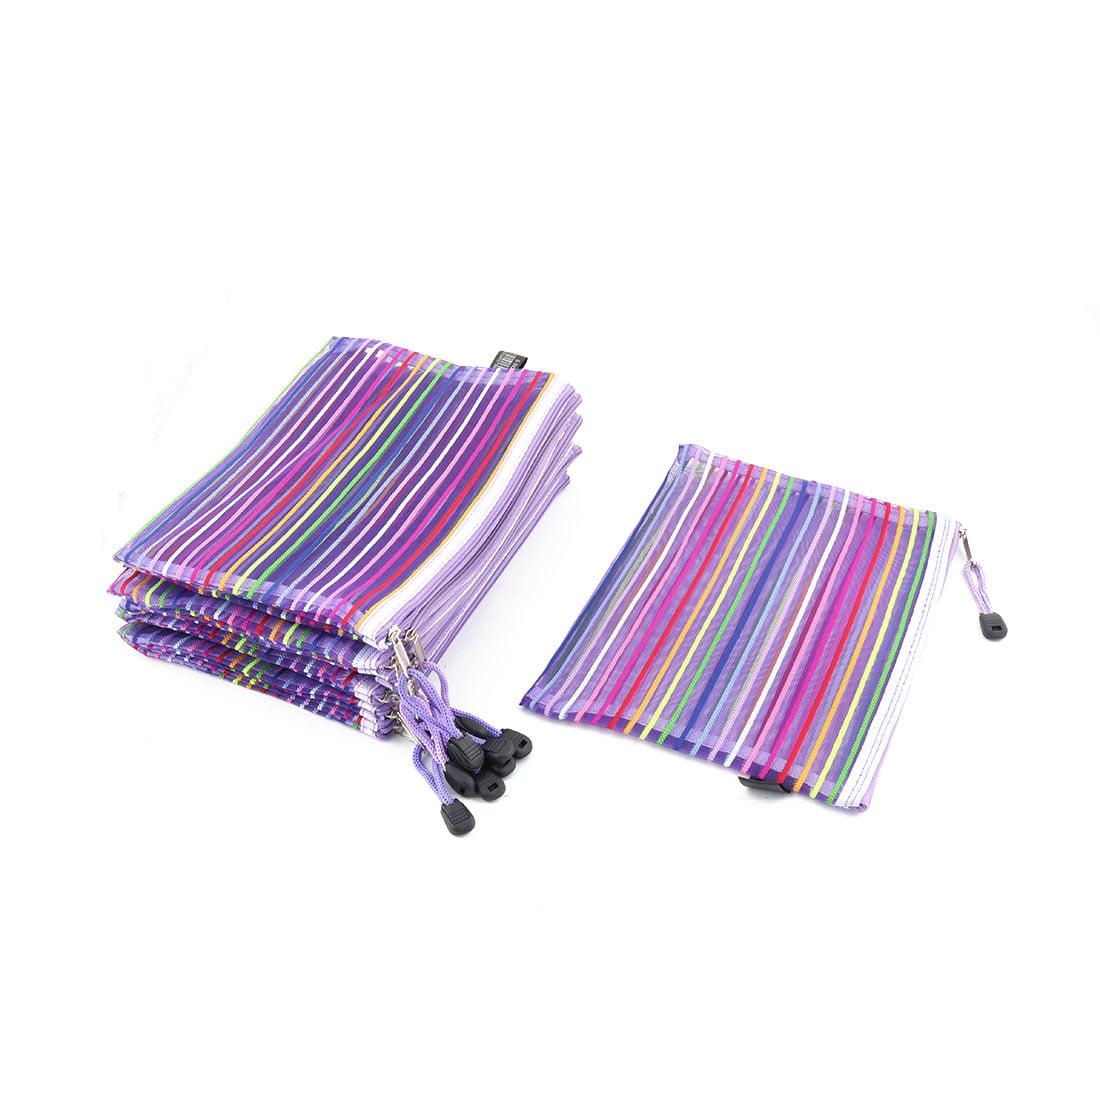 Unique Bargains Meshy Style Stripes Pattern Zip Up A5 Paper Document File Pen Bag Holder 10 Pcs